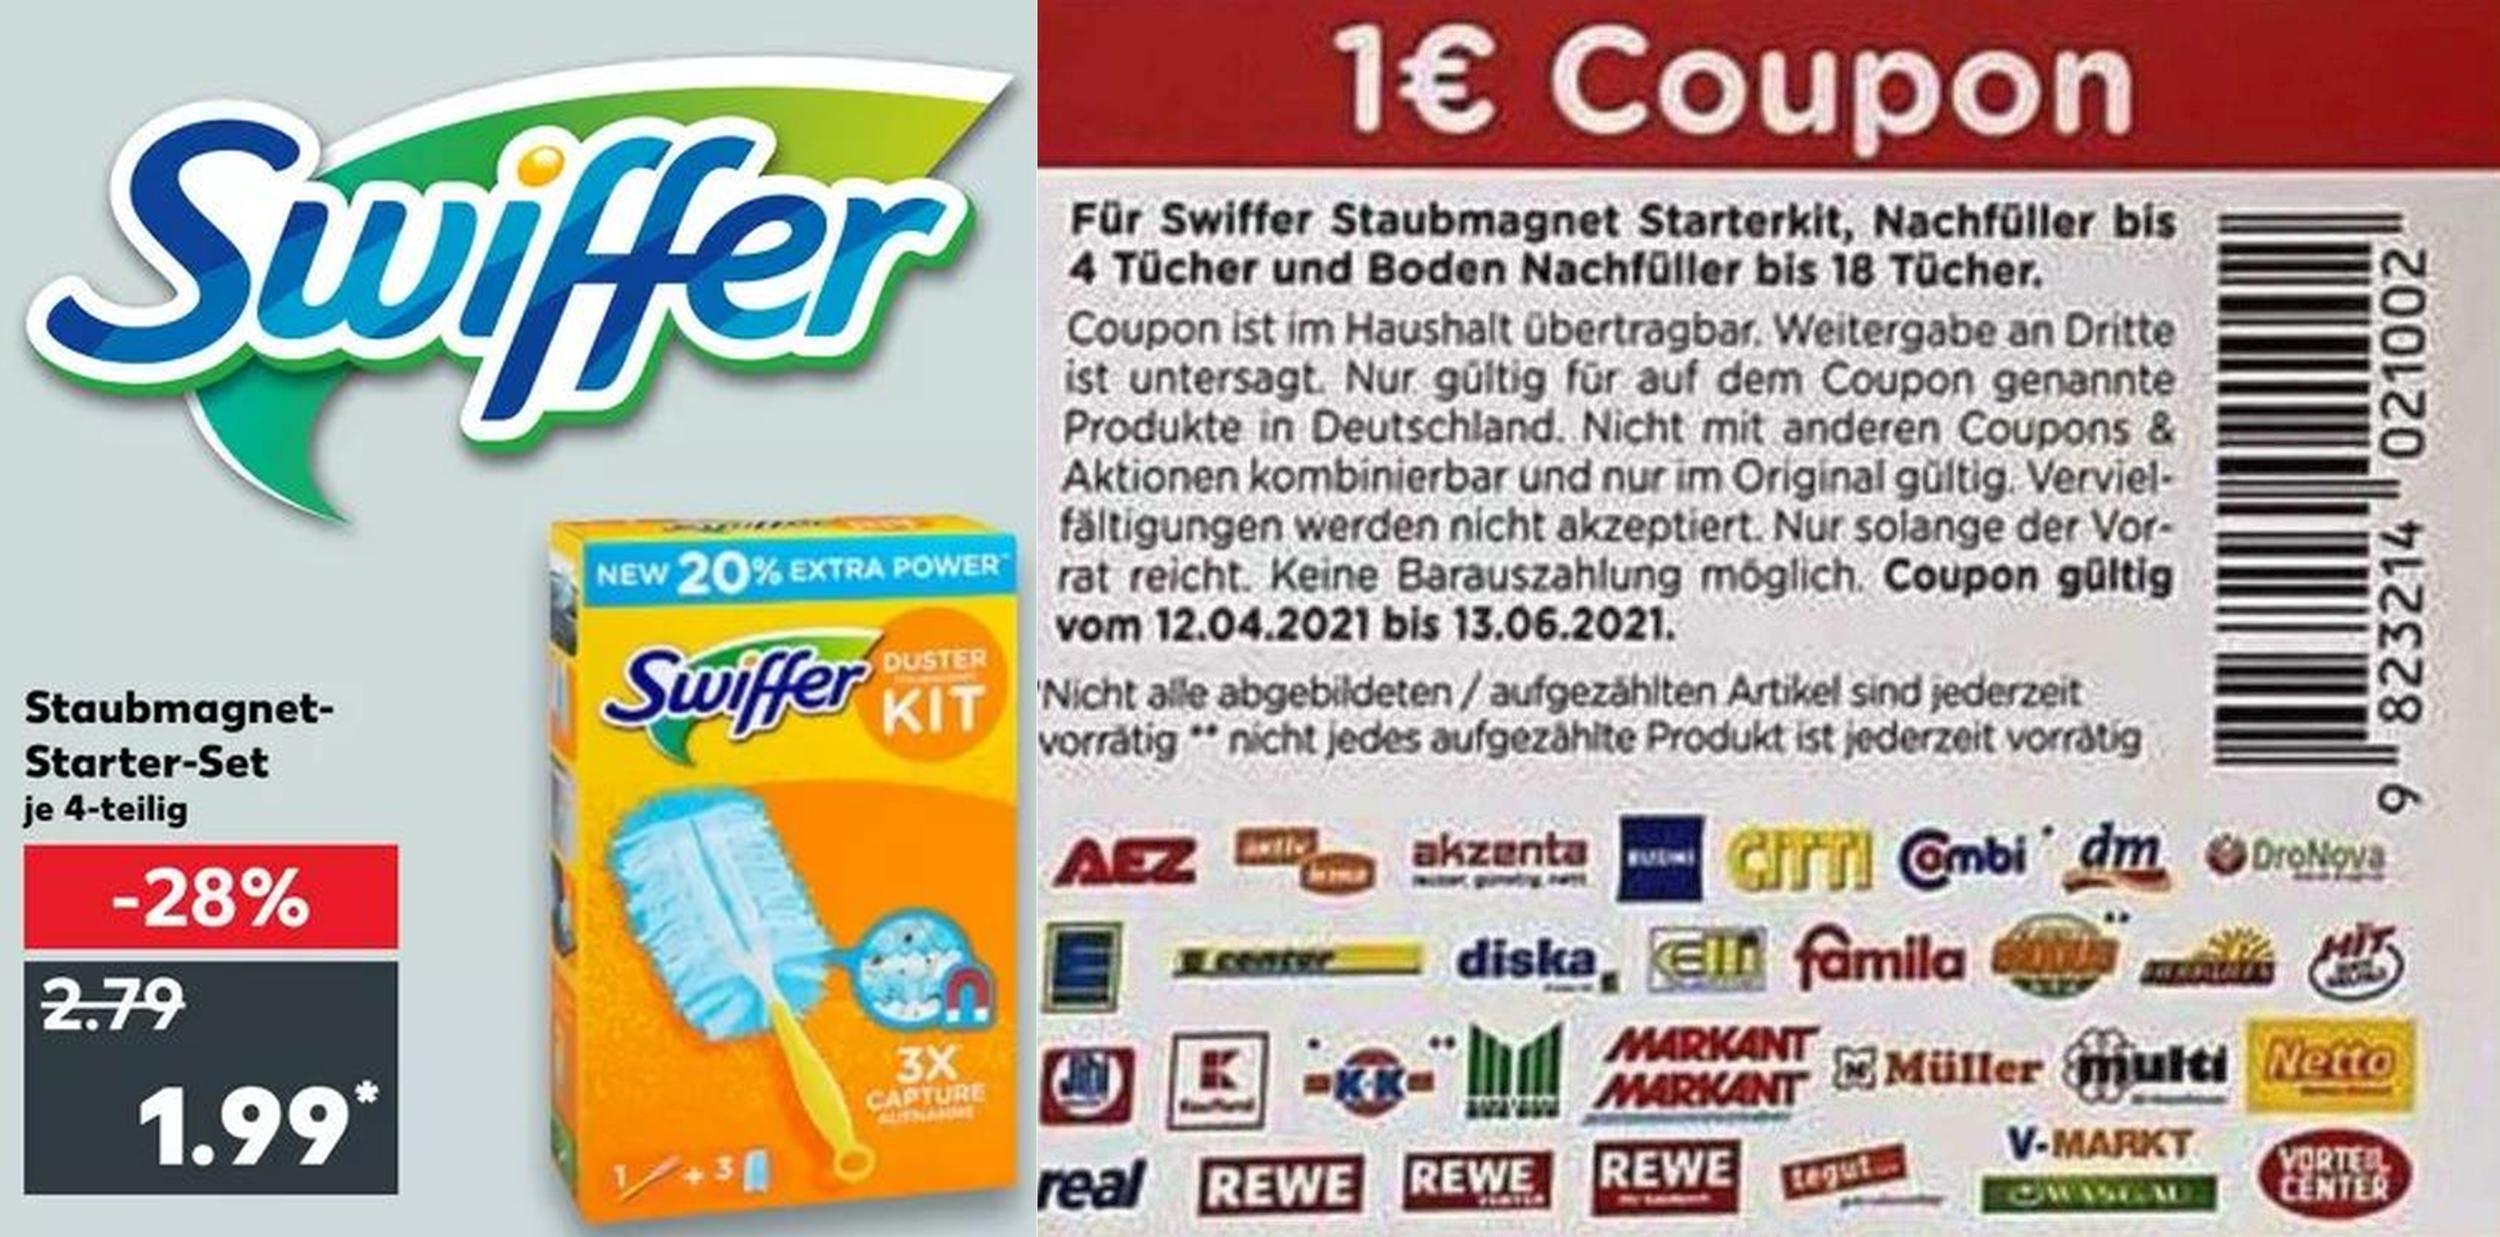 Swiffer Staubmagnet Starter-Kit für 0,99€ (Angebot+Coupon) [Kaufland ab 14.05.21]